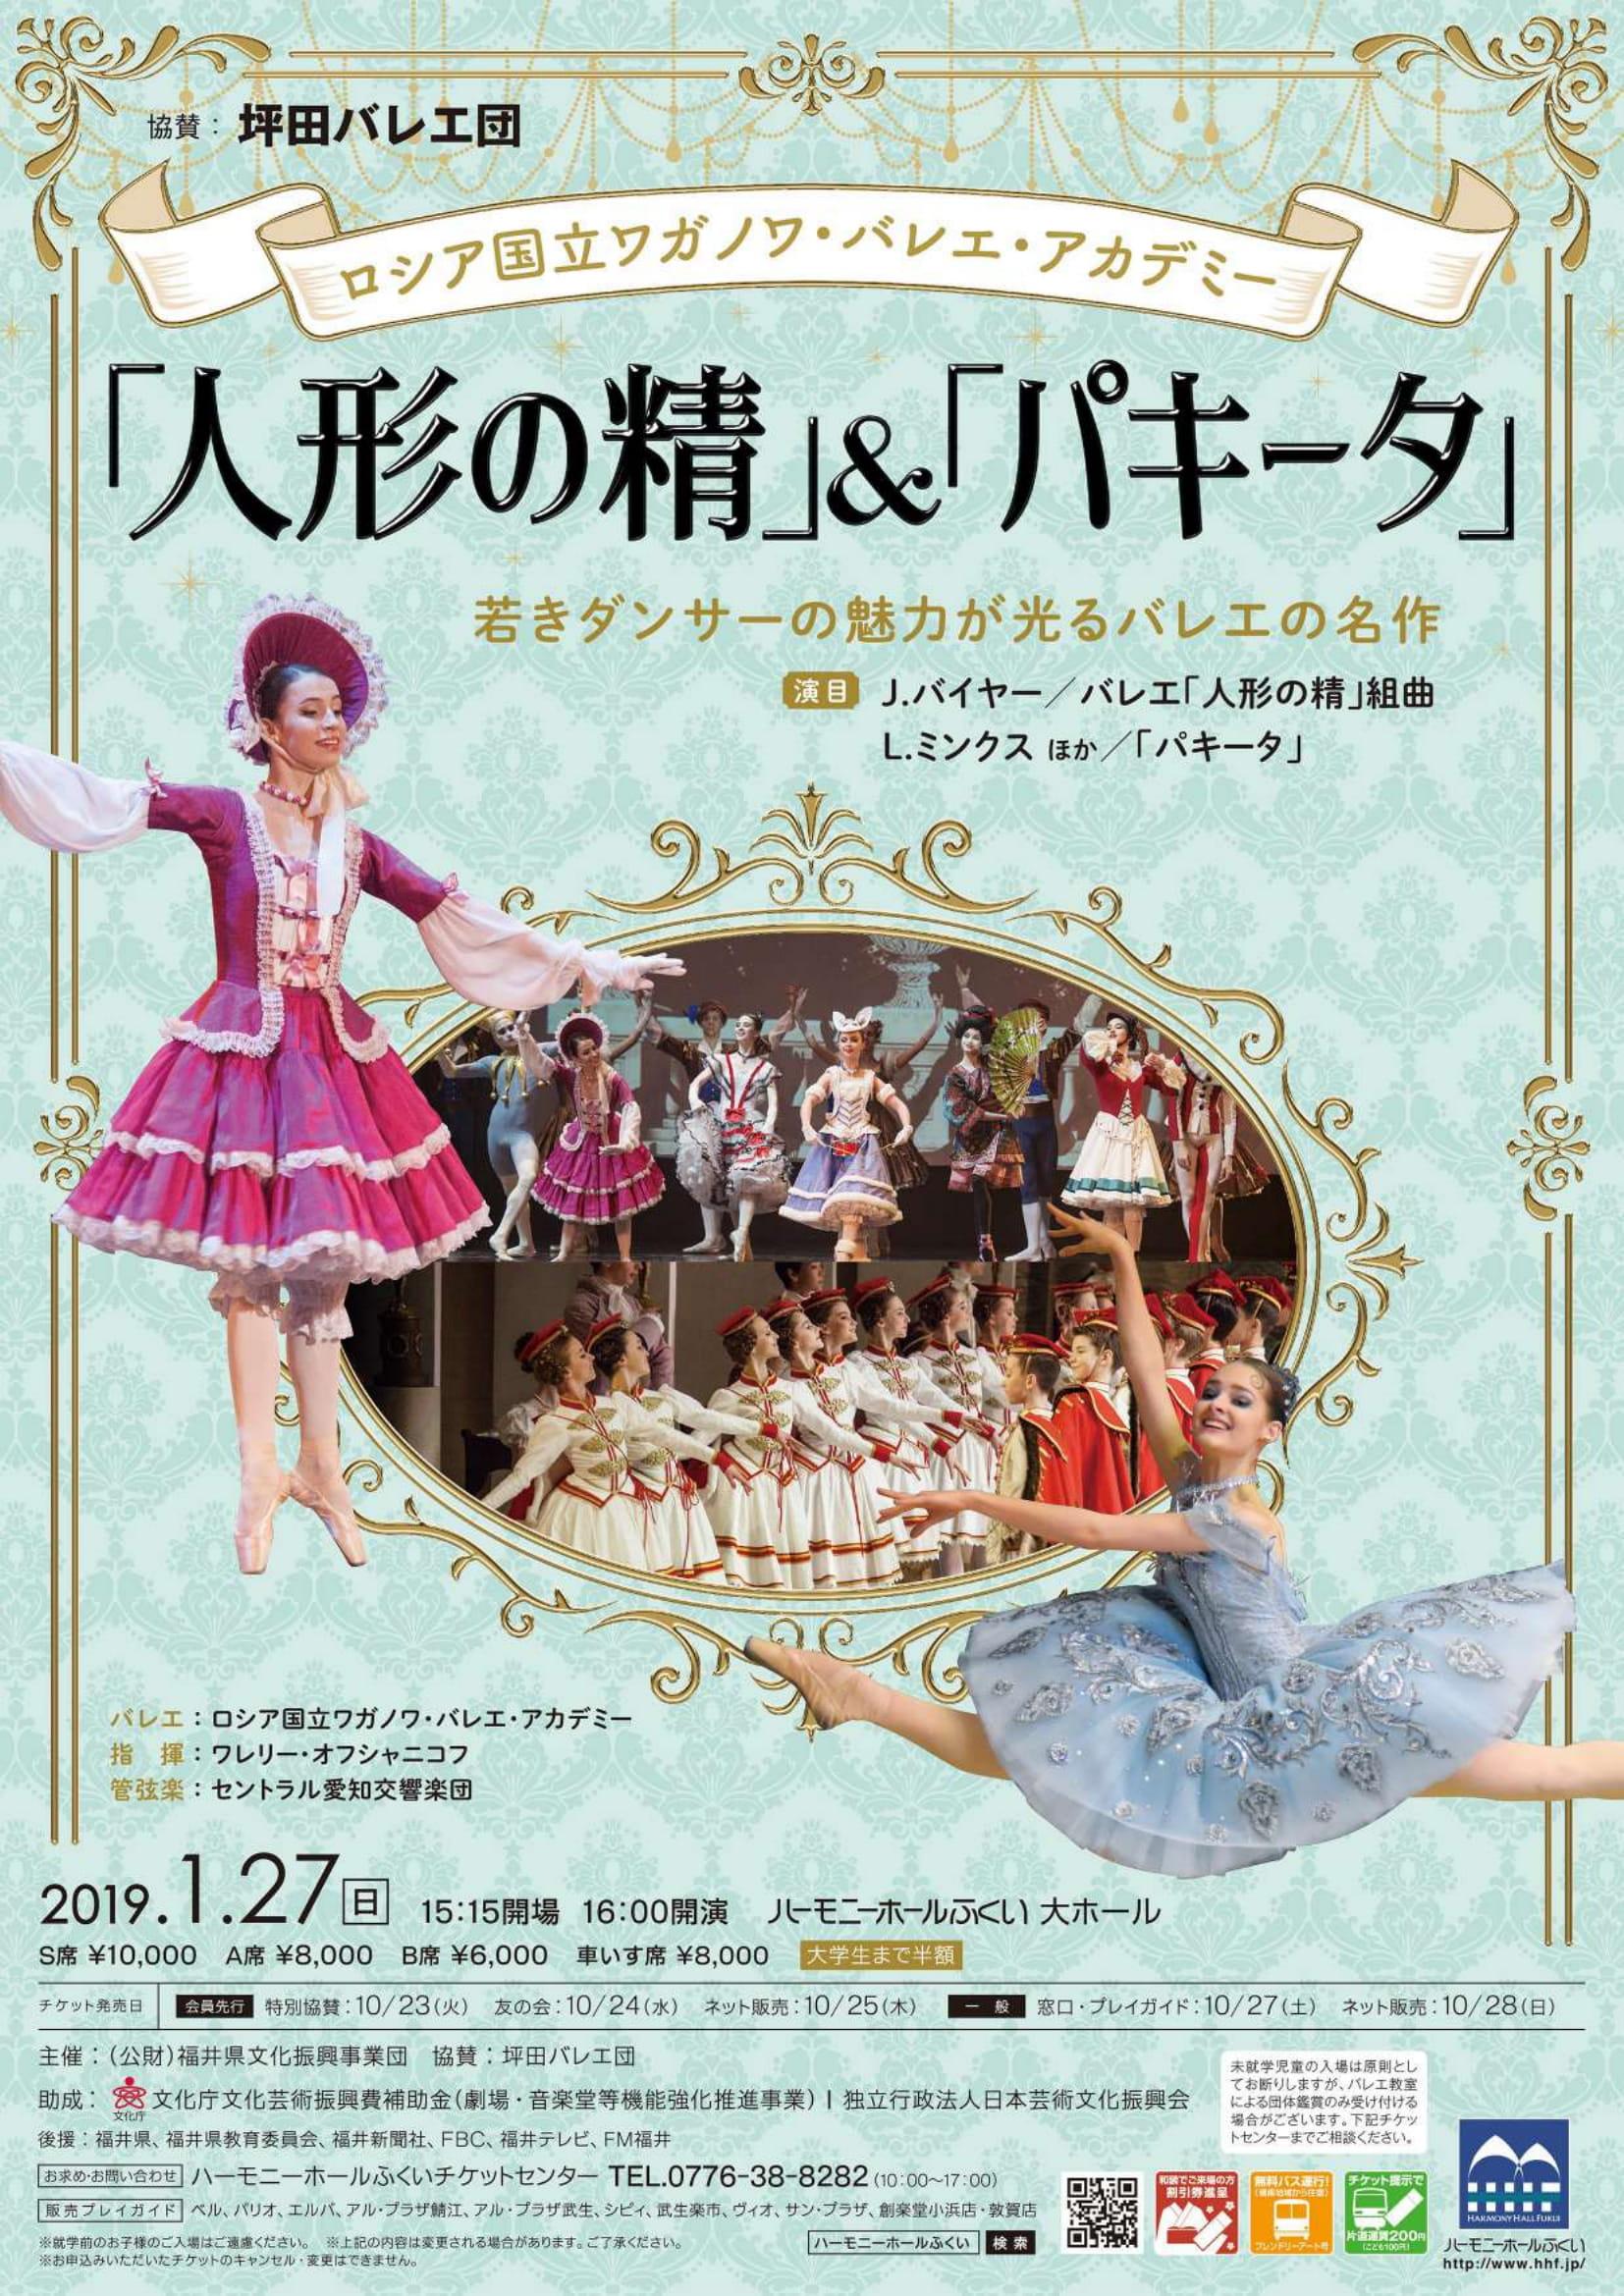 ロシア国立ワガノワ・バレエ・アカデミー「人形の精」&「パキータ」